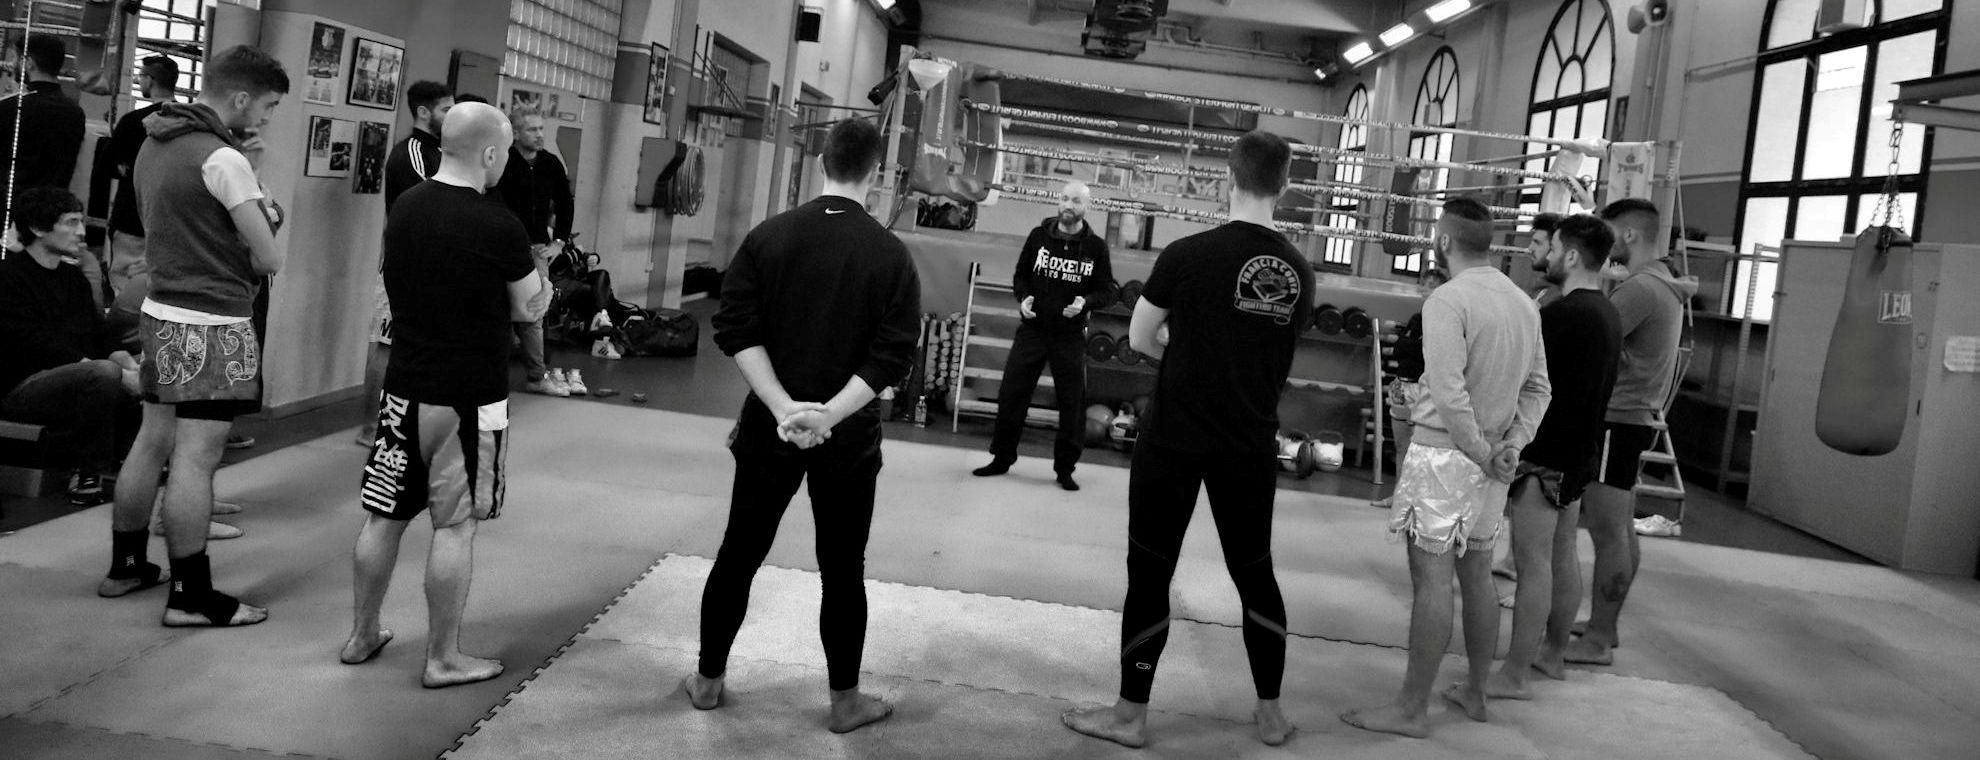 Il Mental Coach nello sport da combattimento è solo per i deboli?